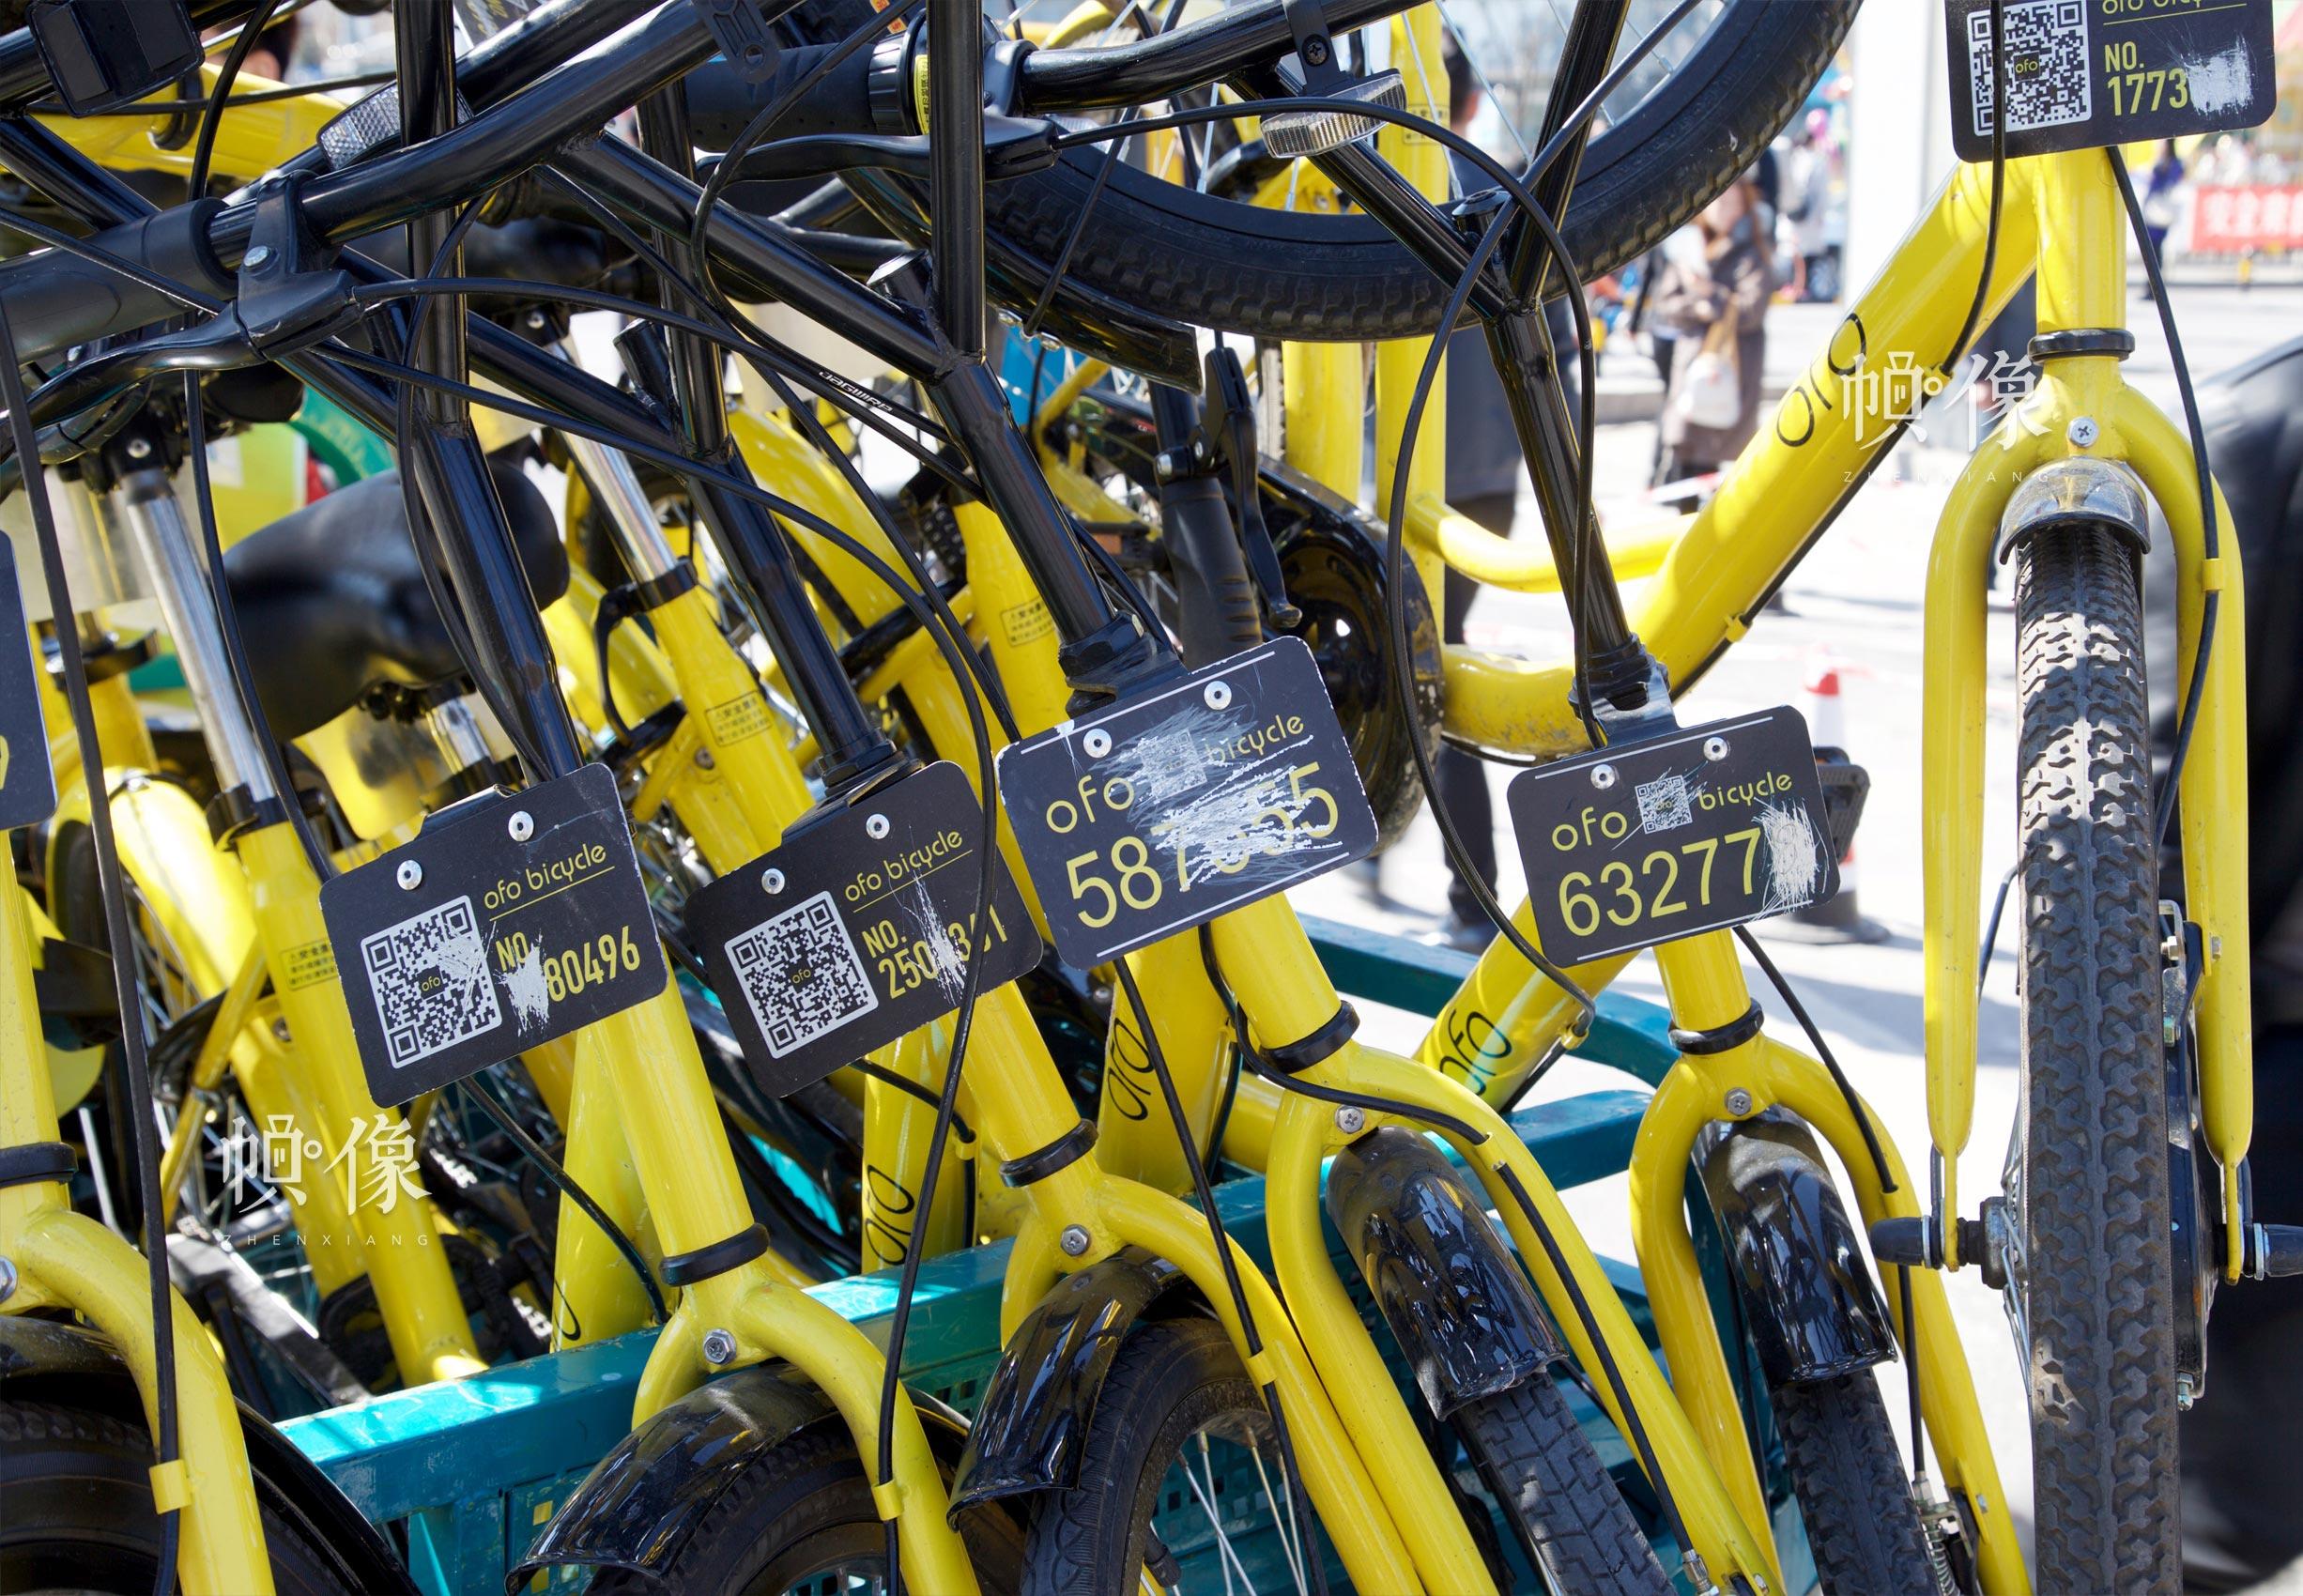 被破坏的共享单车,二维码遭涂抹。中国网记者 高南 摄